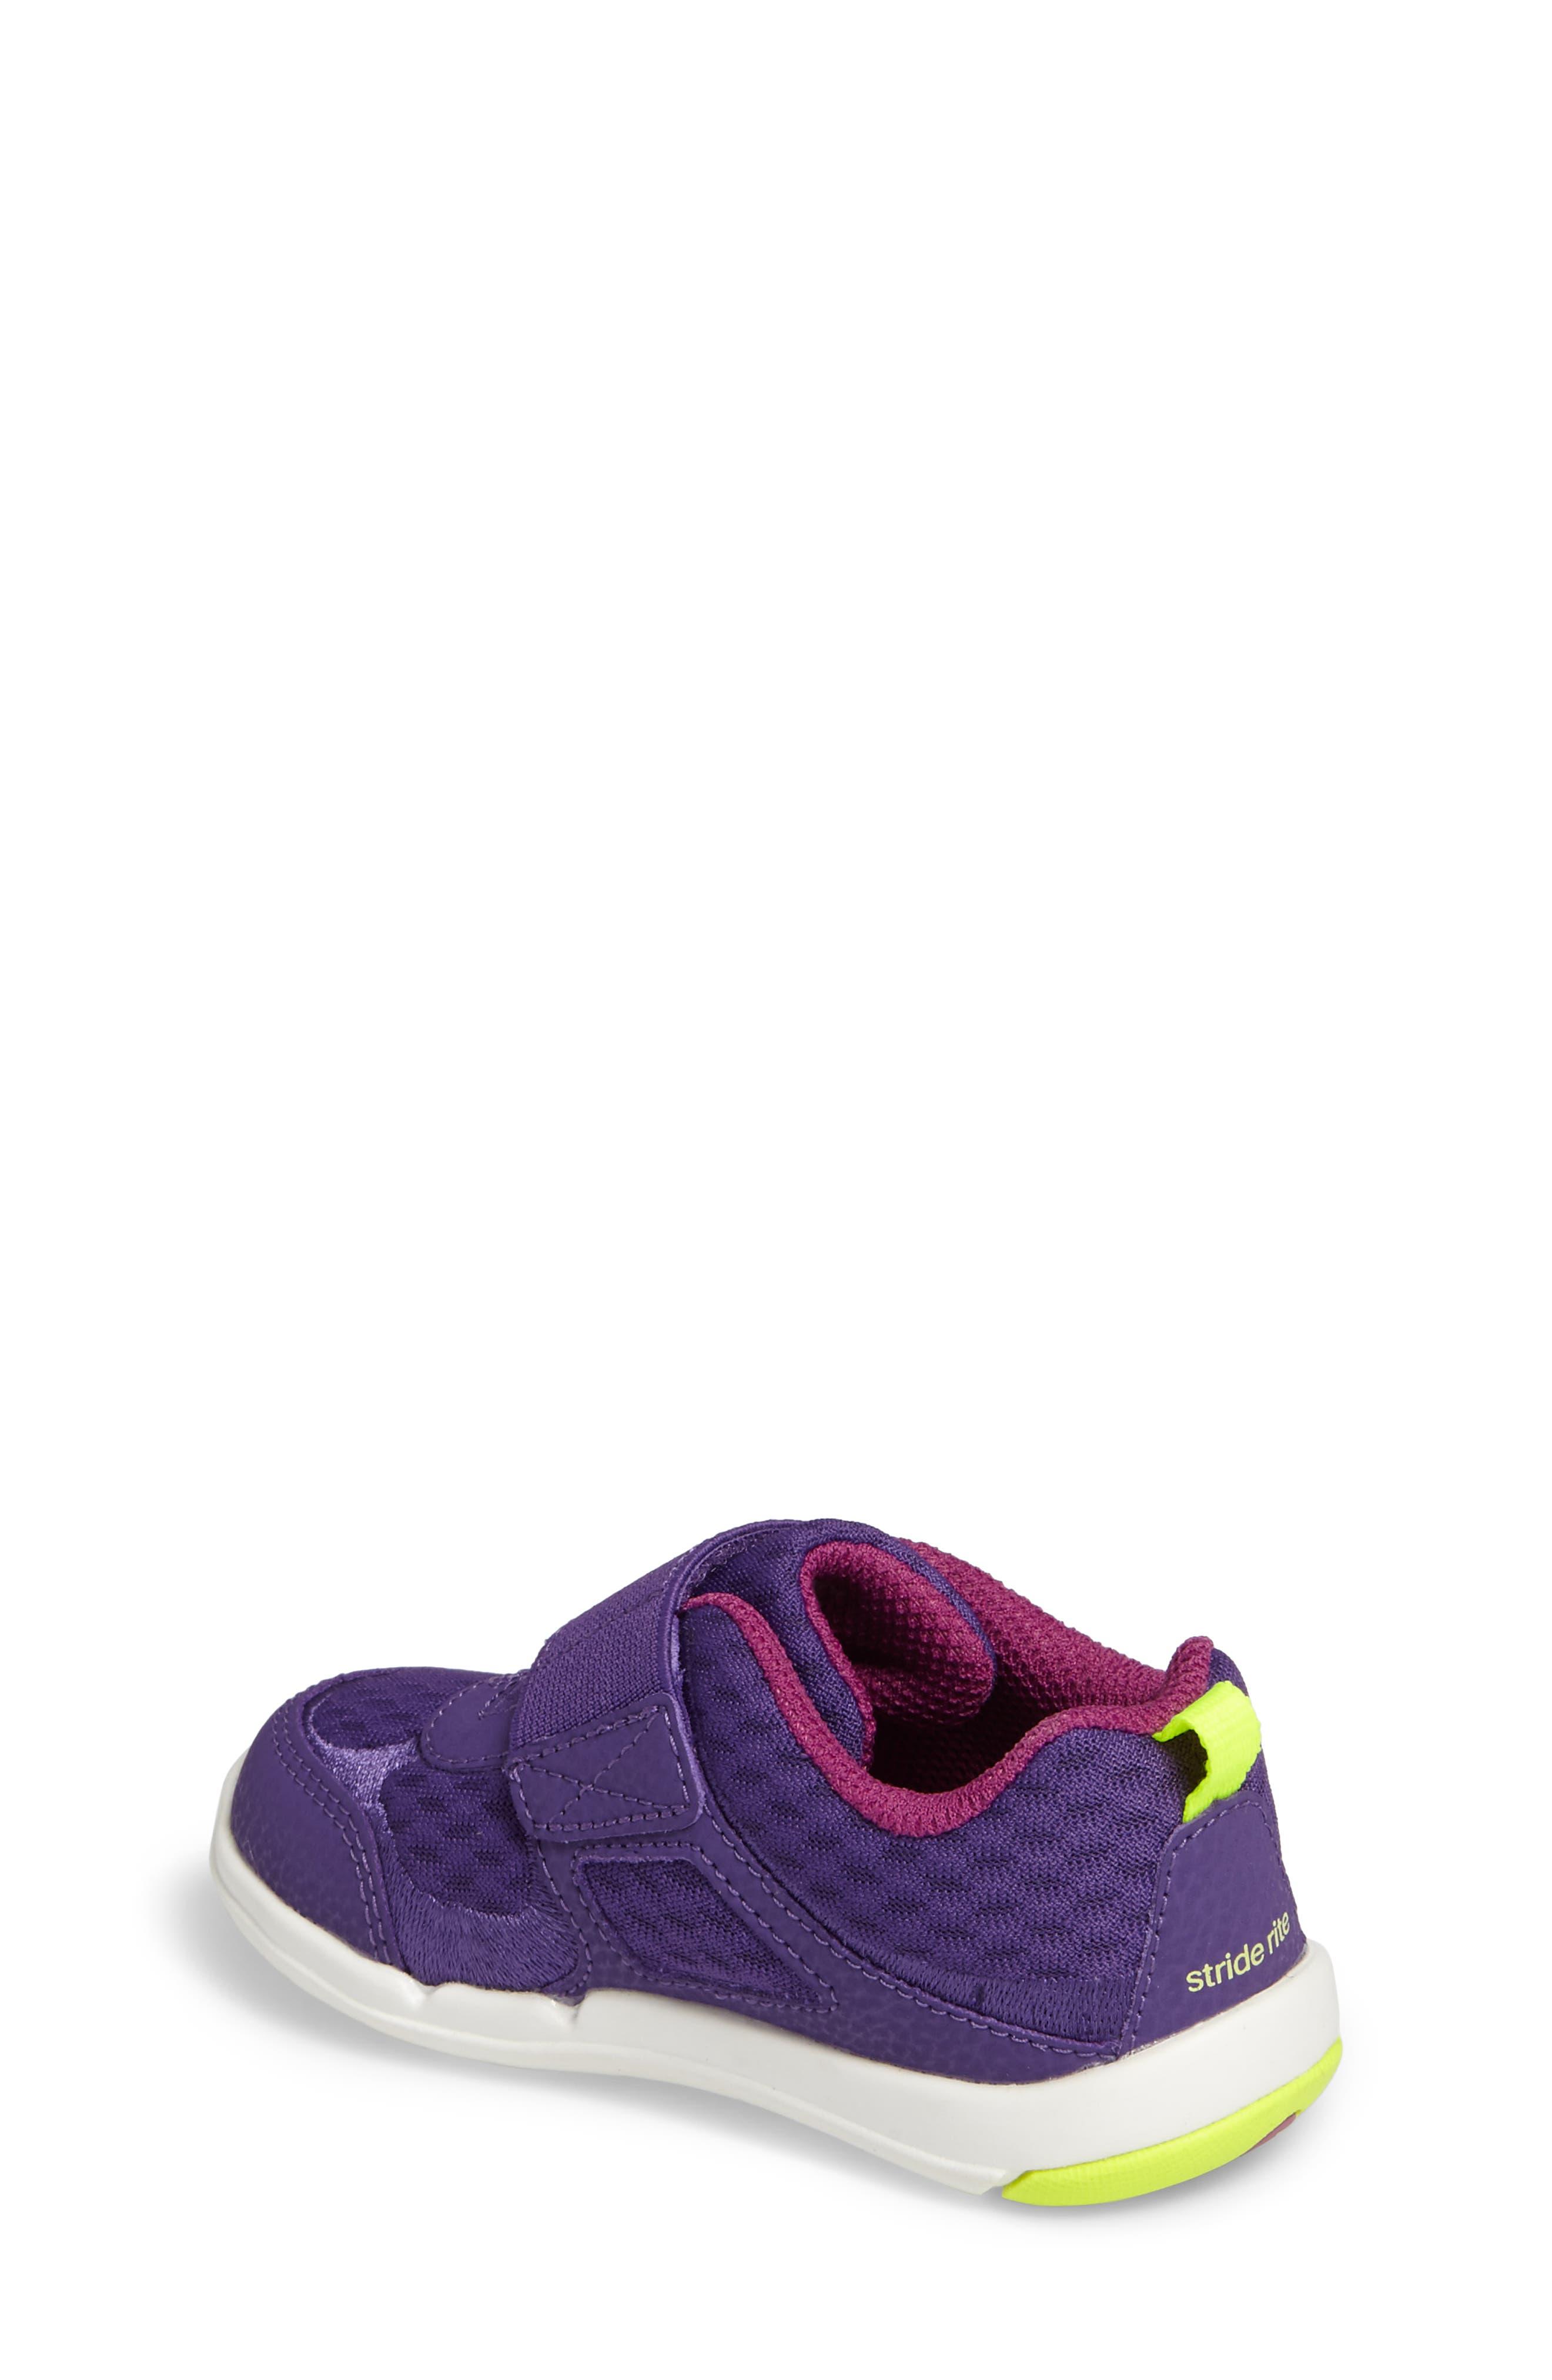 Casey Sneaker,                             Alternate thumbnail 2, color,                             500